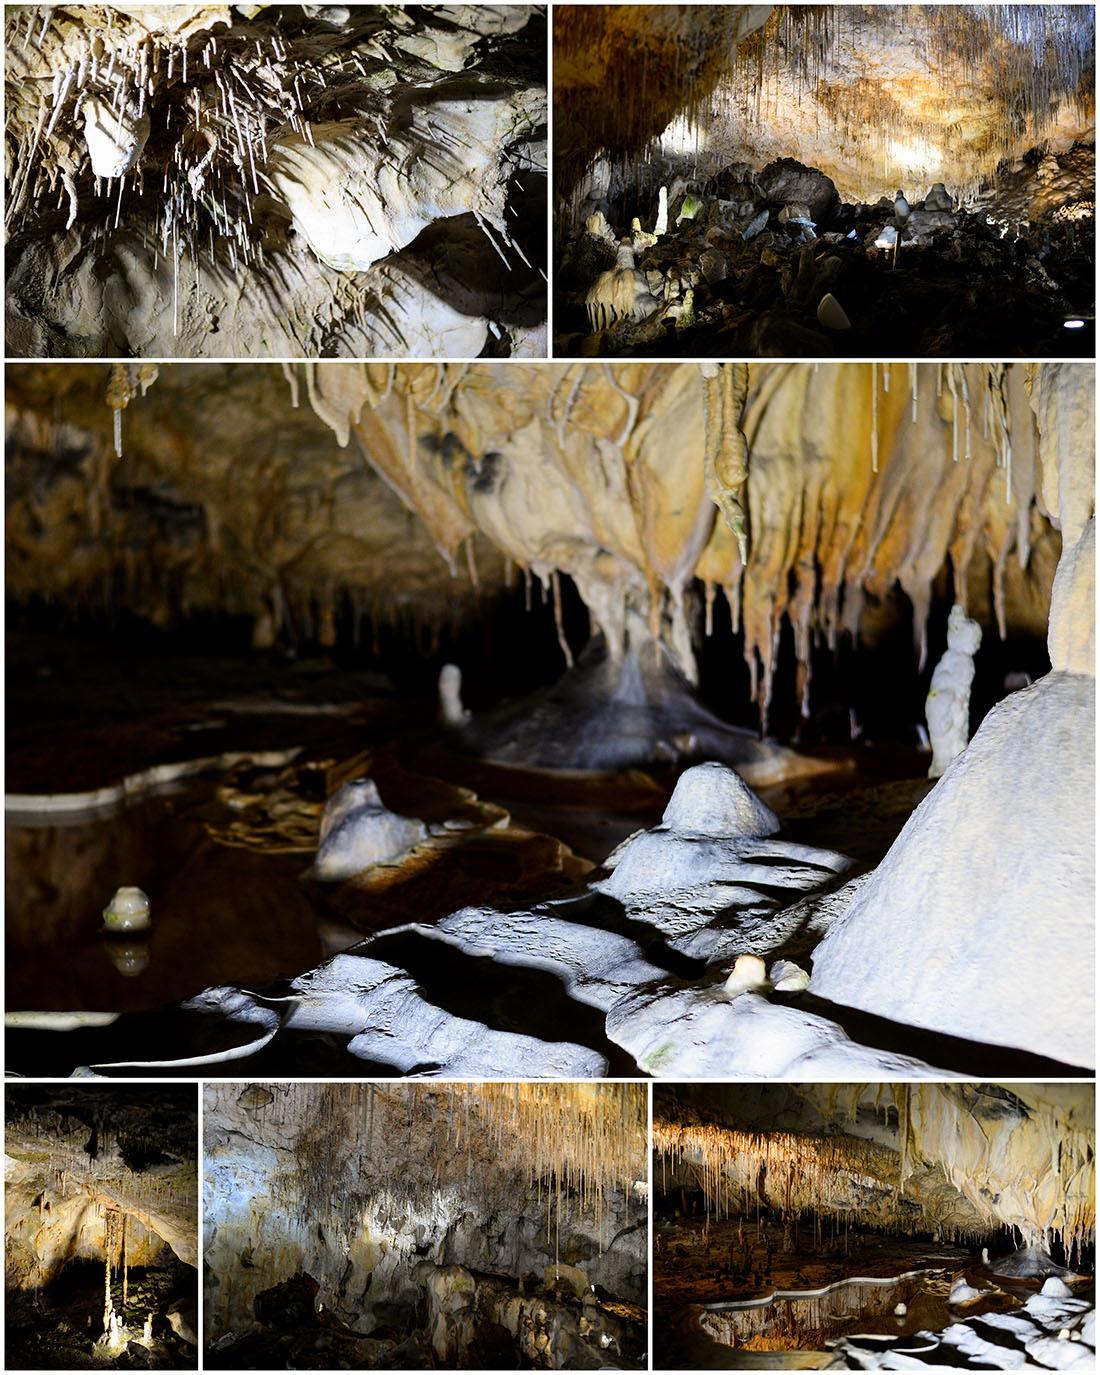 grotte de thouzon, le thor, vaucluse , autour de l'isle-sur-la-sorgue